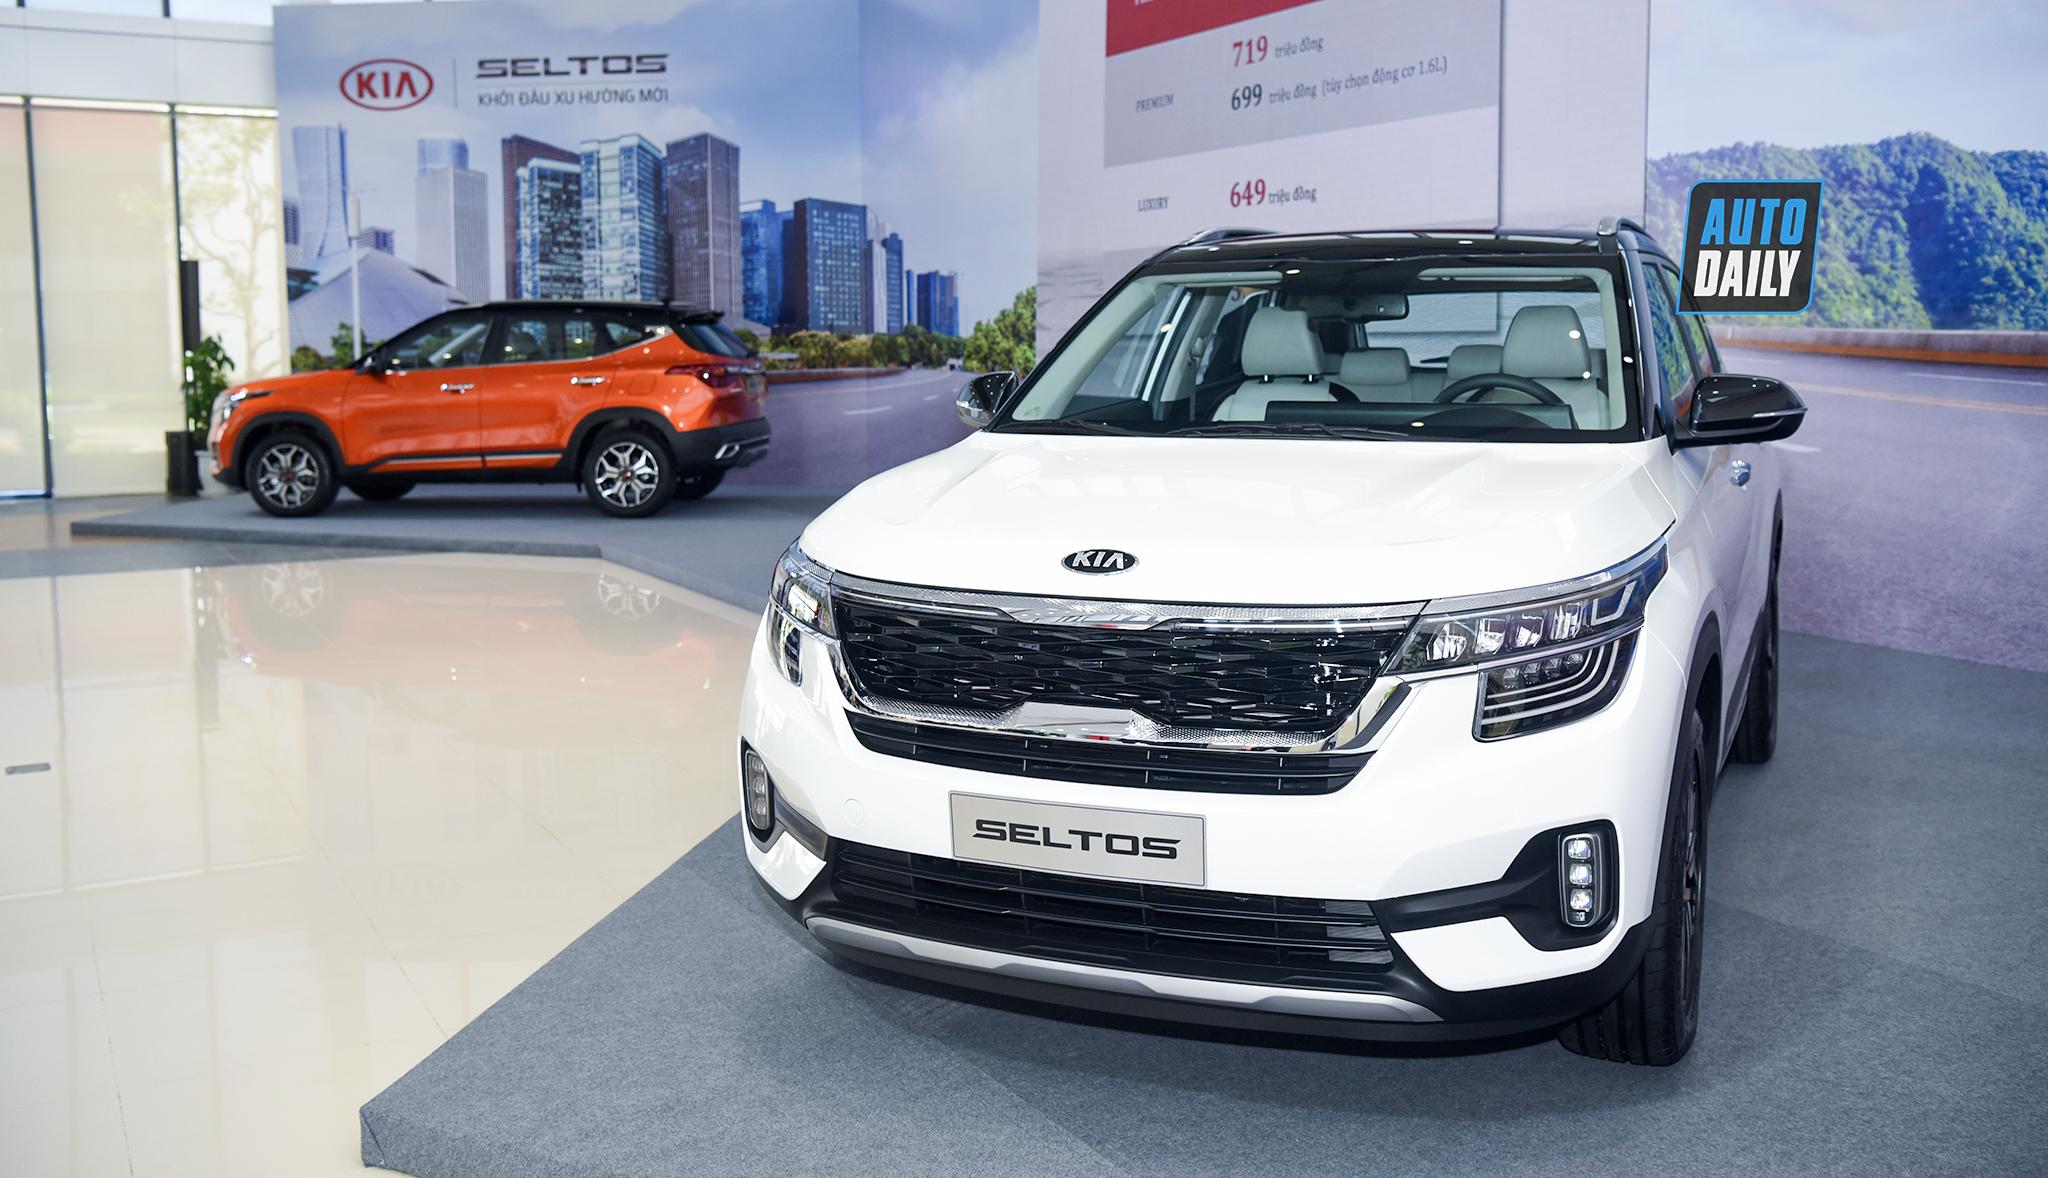 Kia Seltos 2020 ra mắt tại Việt Nam, bán ra từ tháng 9, giá từ 589 triệu